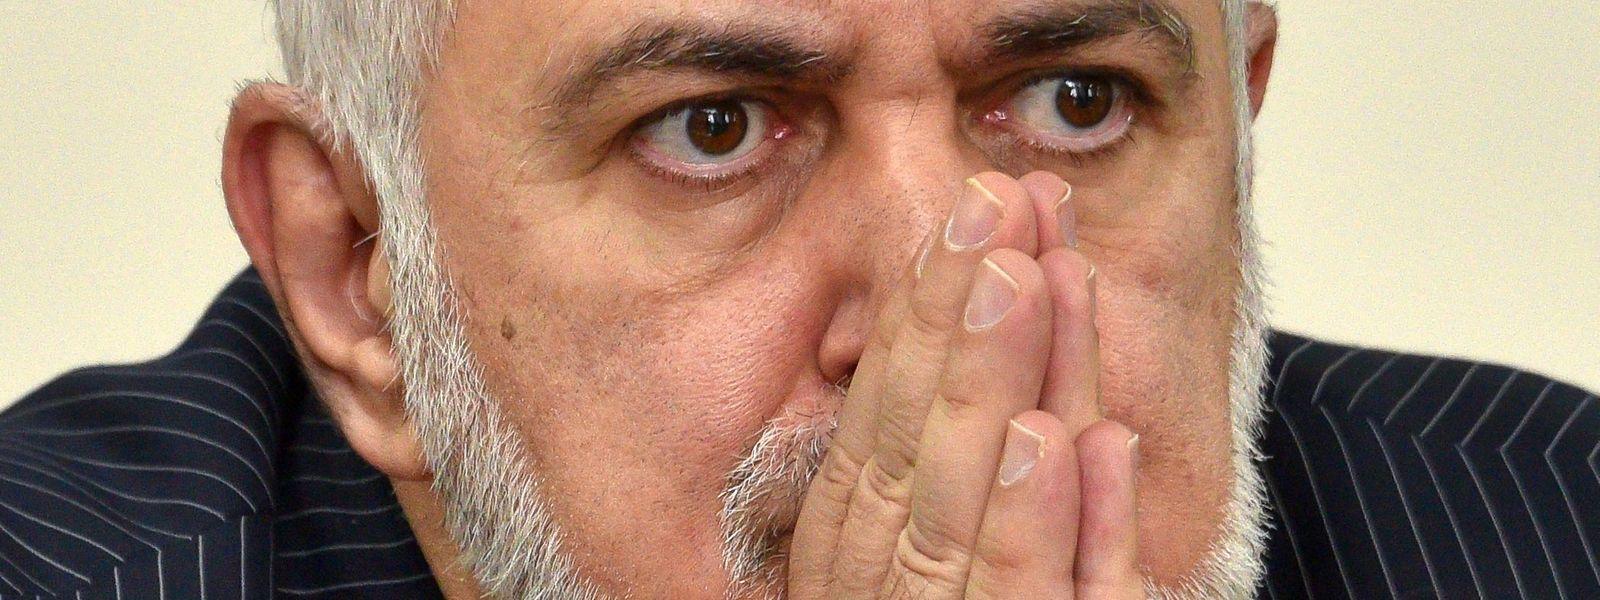 Der iranische Außenminister Javad Zarif forderte die EU öffentlich  dazu auf, eine aktivere Rolle bei der Rückkehr zum Wiener Atomabkommen zu spielen.